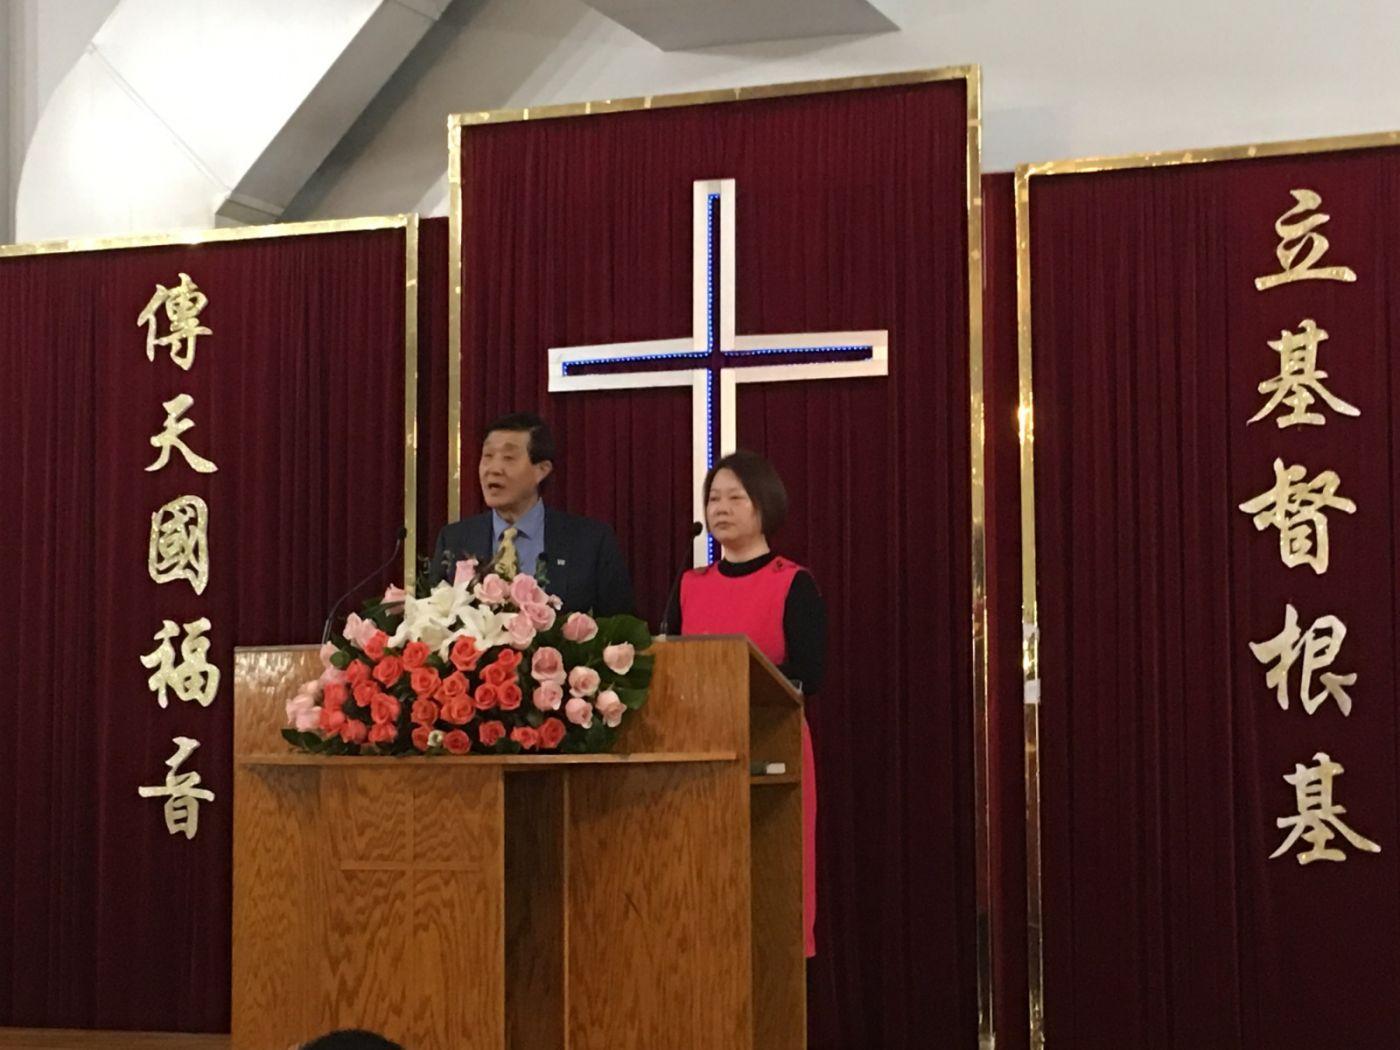 2019紐約基督閩恩教會舉辦感恩節崇拜_图1-6